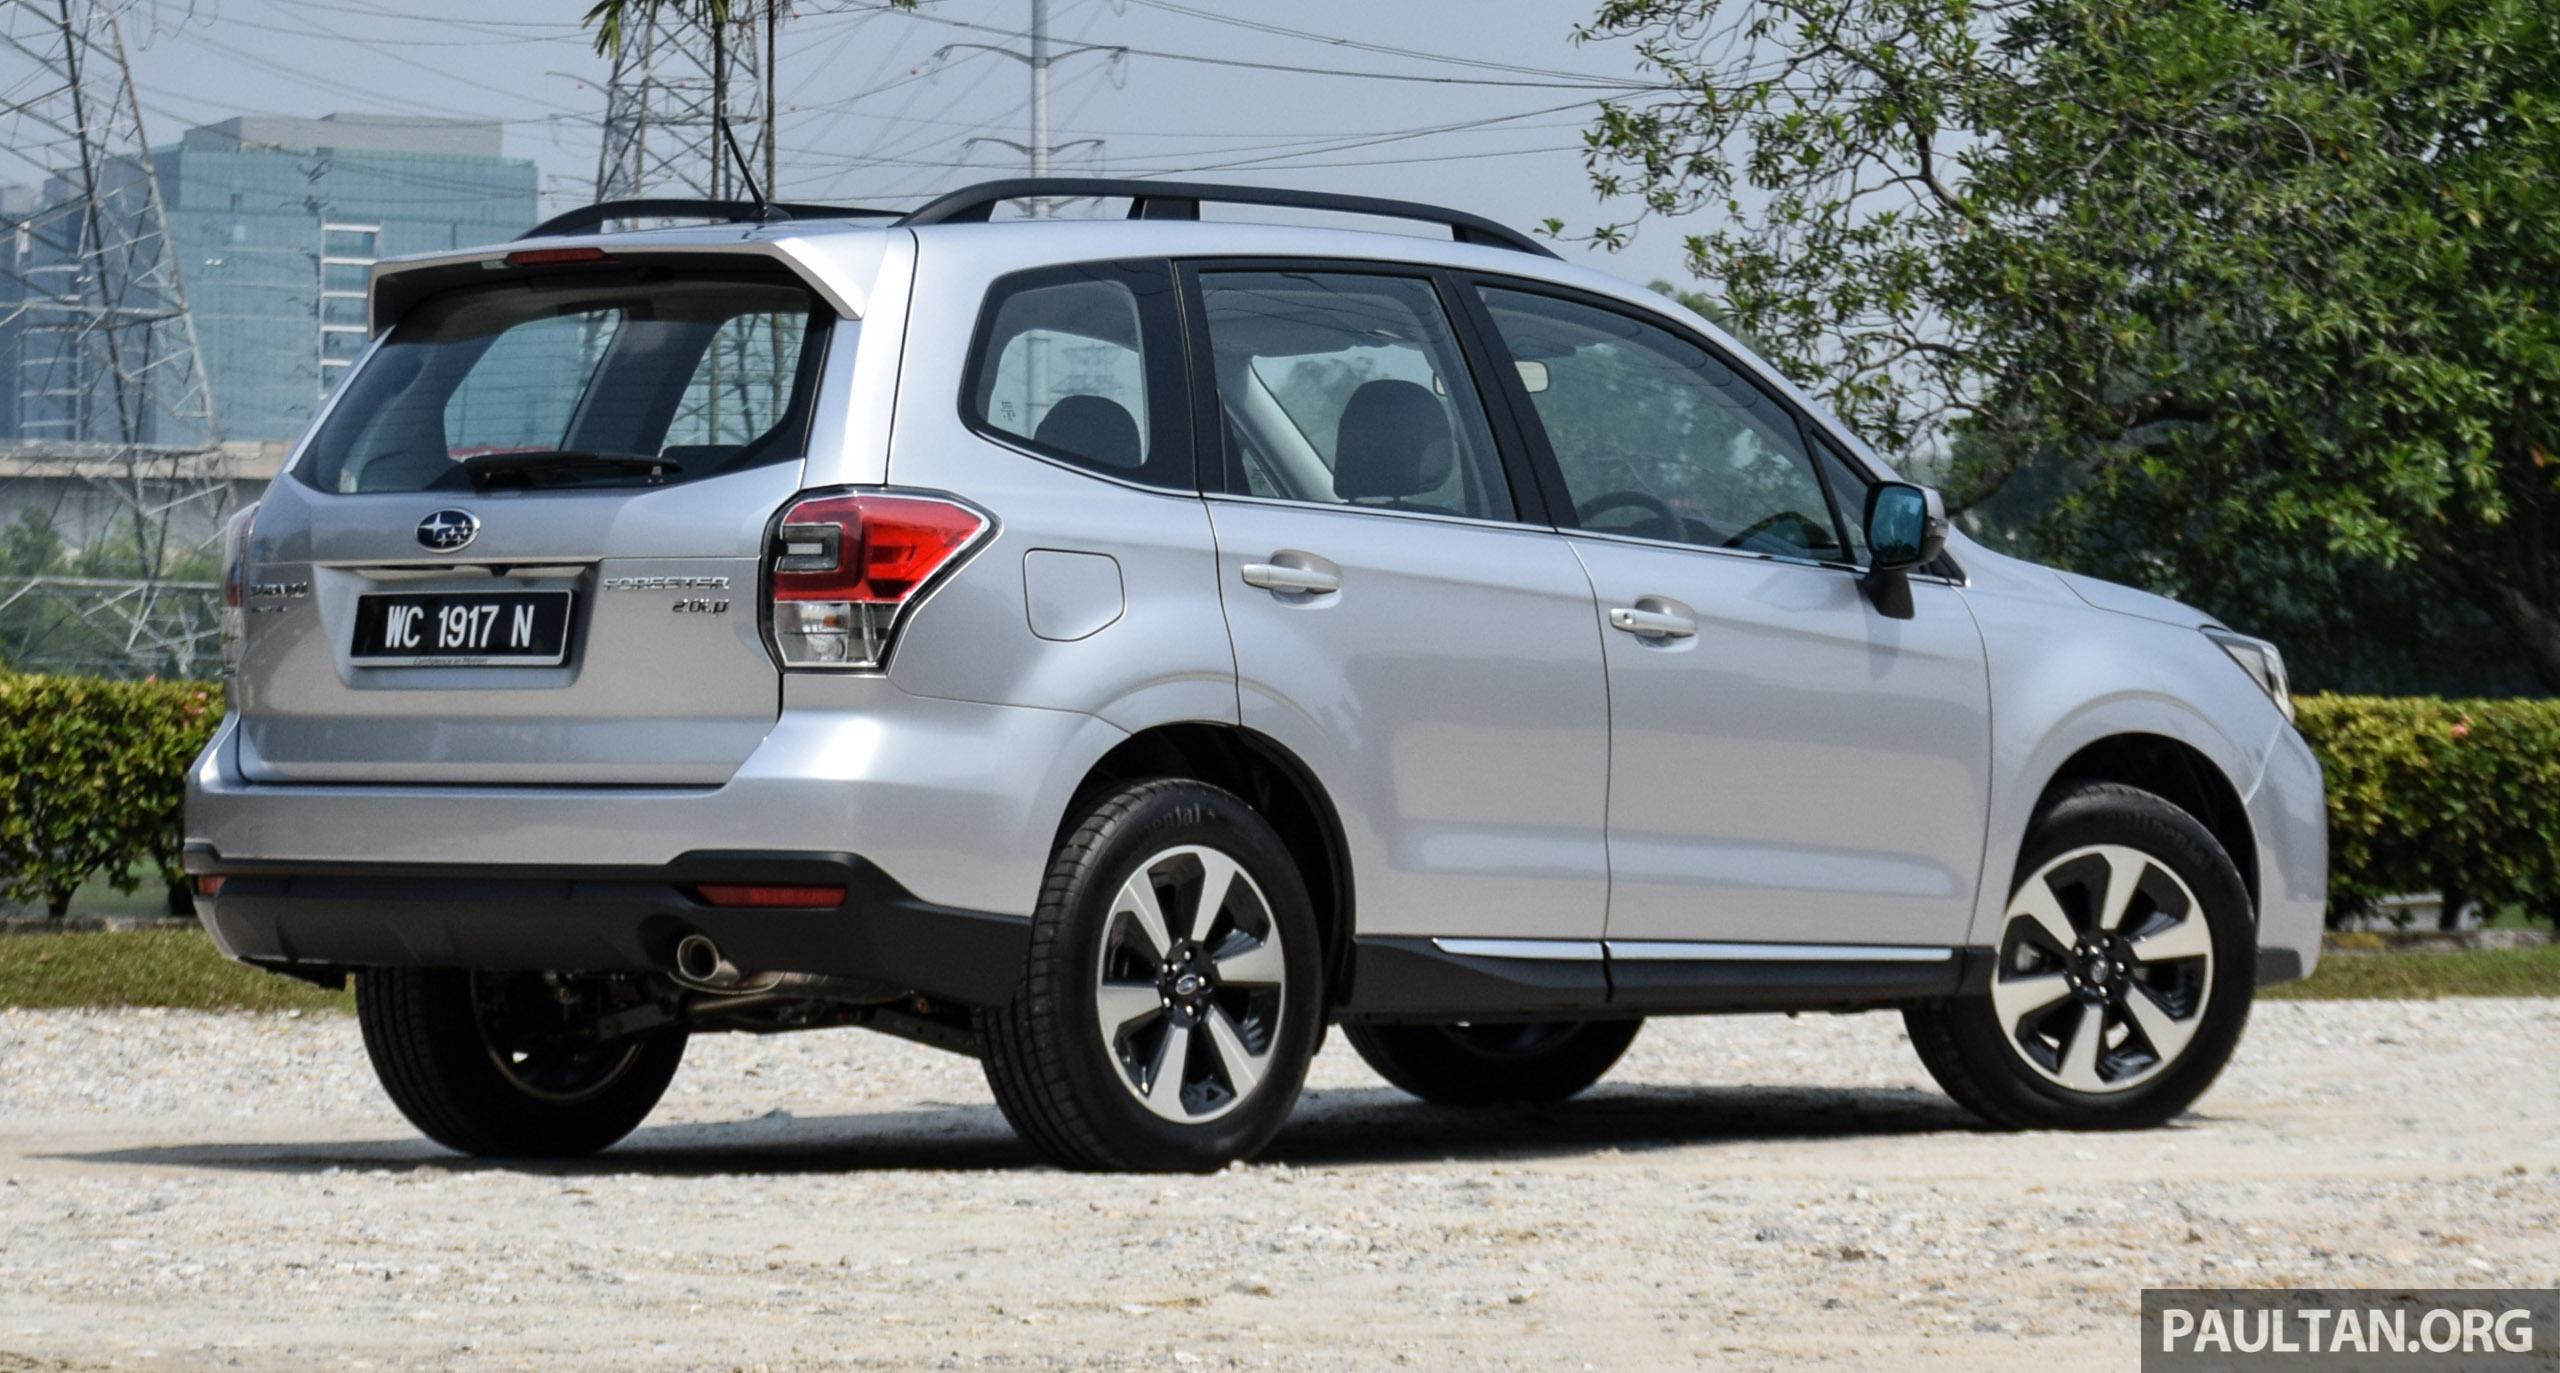 Subaru Forester 2016 >> PANDU UJI: Subaru Forester pilihan yang berbaloi? Image 500793